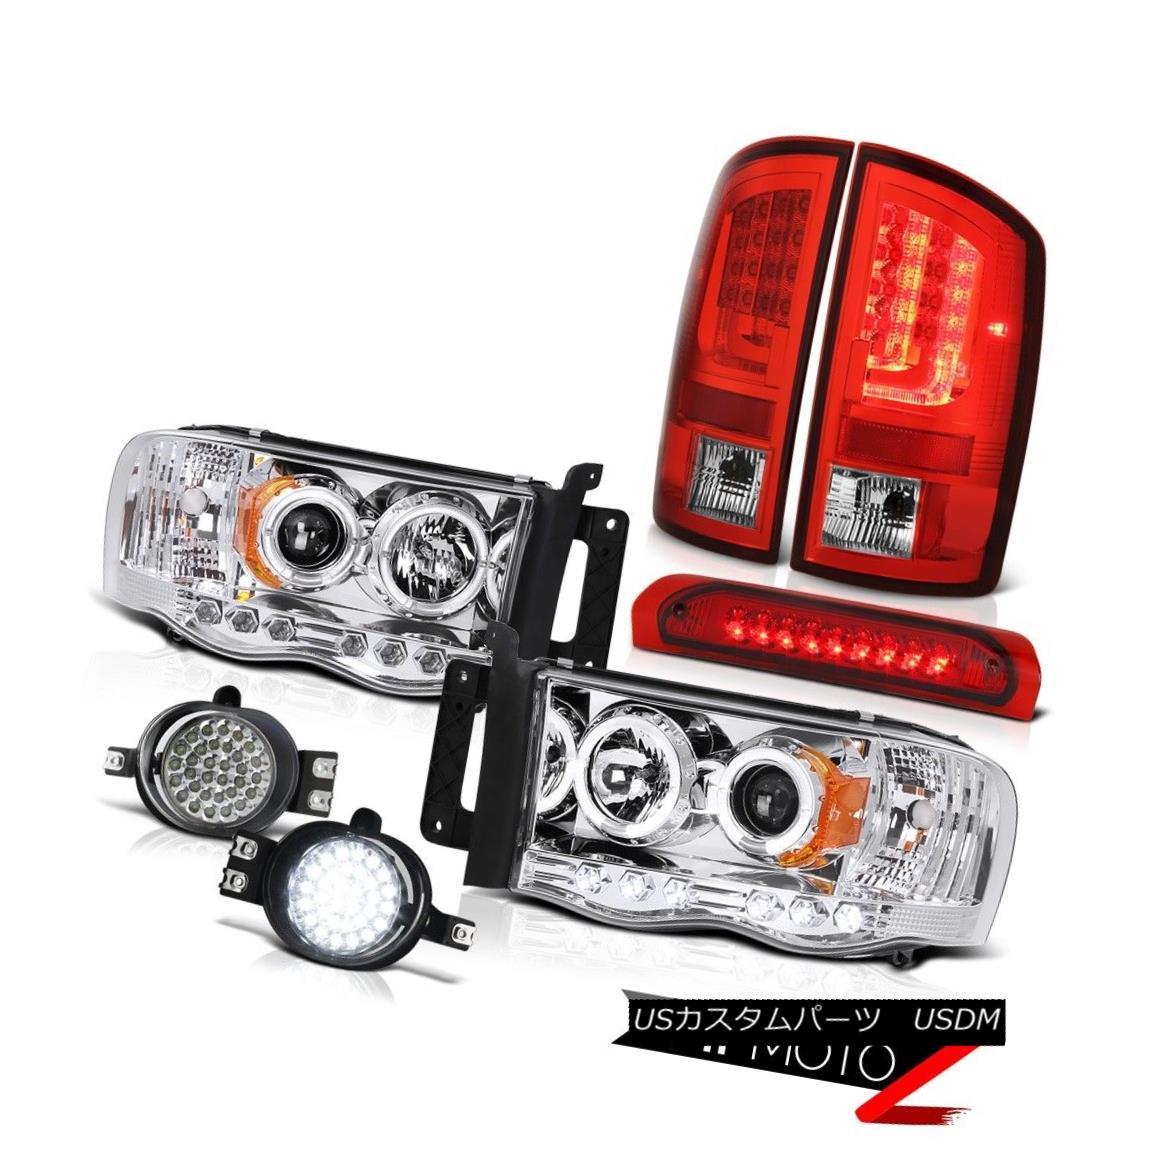 テールライト 2003-2005 Dodge Ram 1500 4.7L Taillights Headlamps Foglamps Roof Cargo Light LED 2003-2005ダッジラム1500 4.7LターンライトヘッドランプフォグランプルーフカーゴライトLED